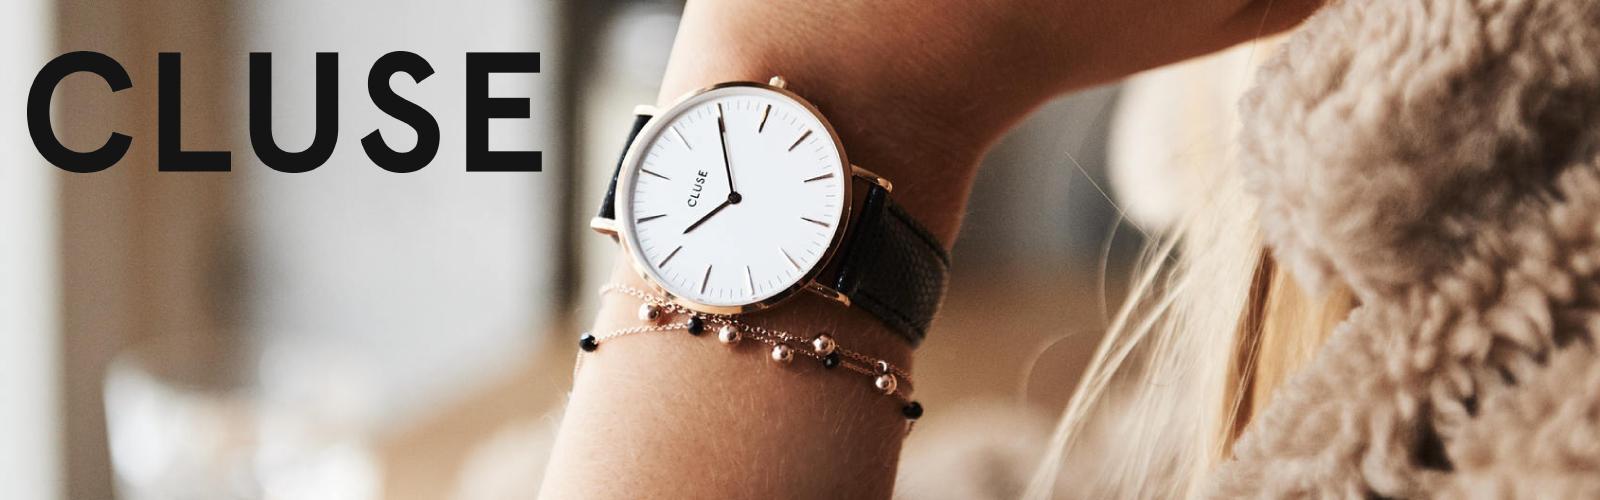 Cluse-horloge-populaire-horloge-kopen-bij-Wolters-Juweliers-Coevorden-Emmen